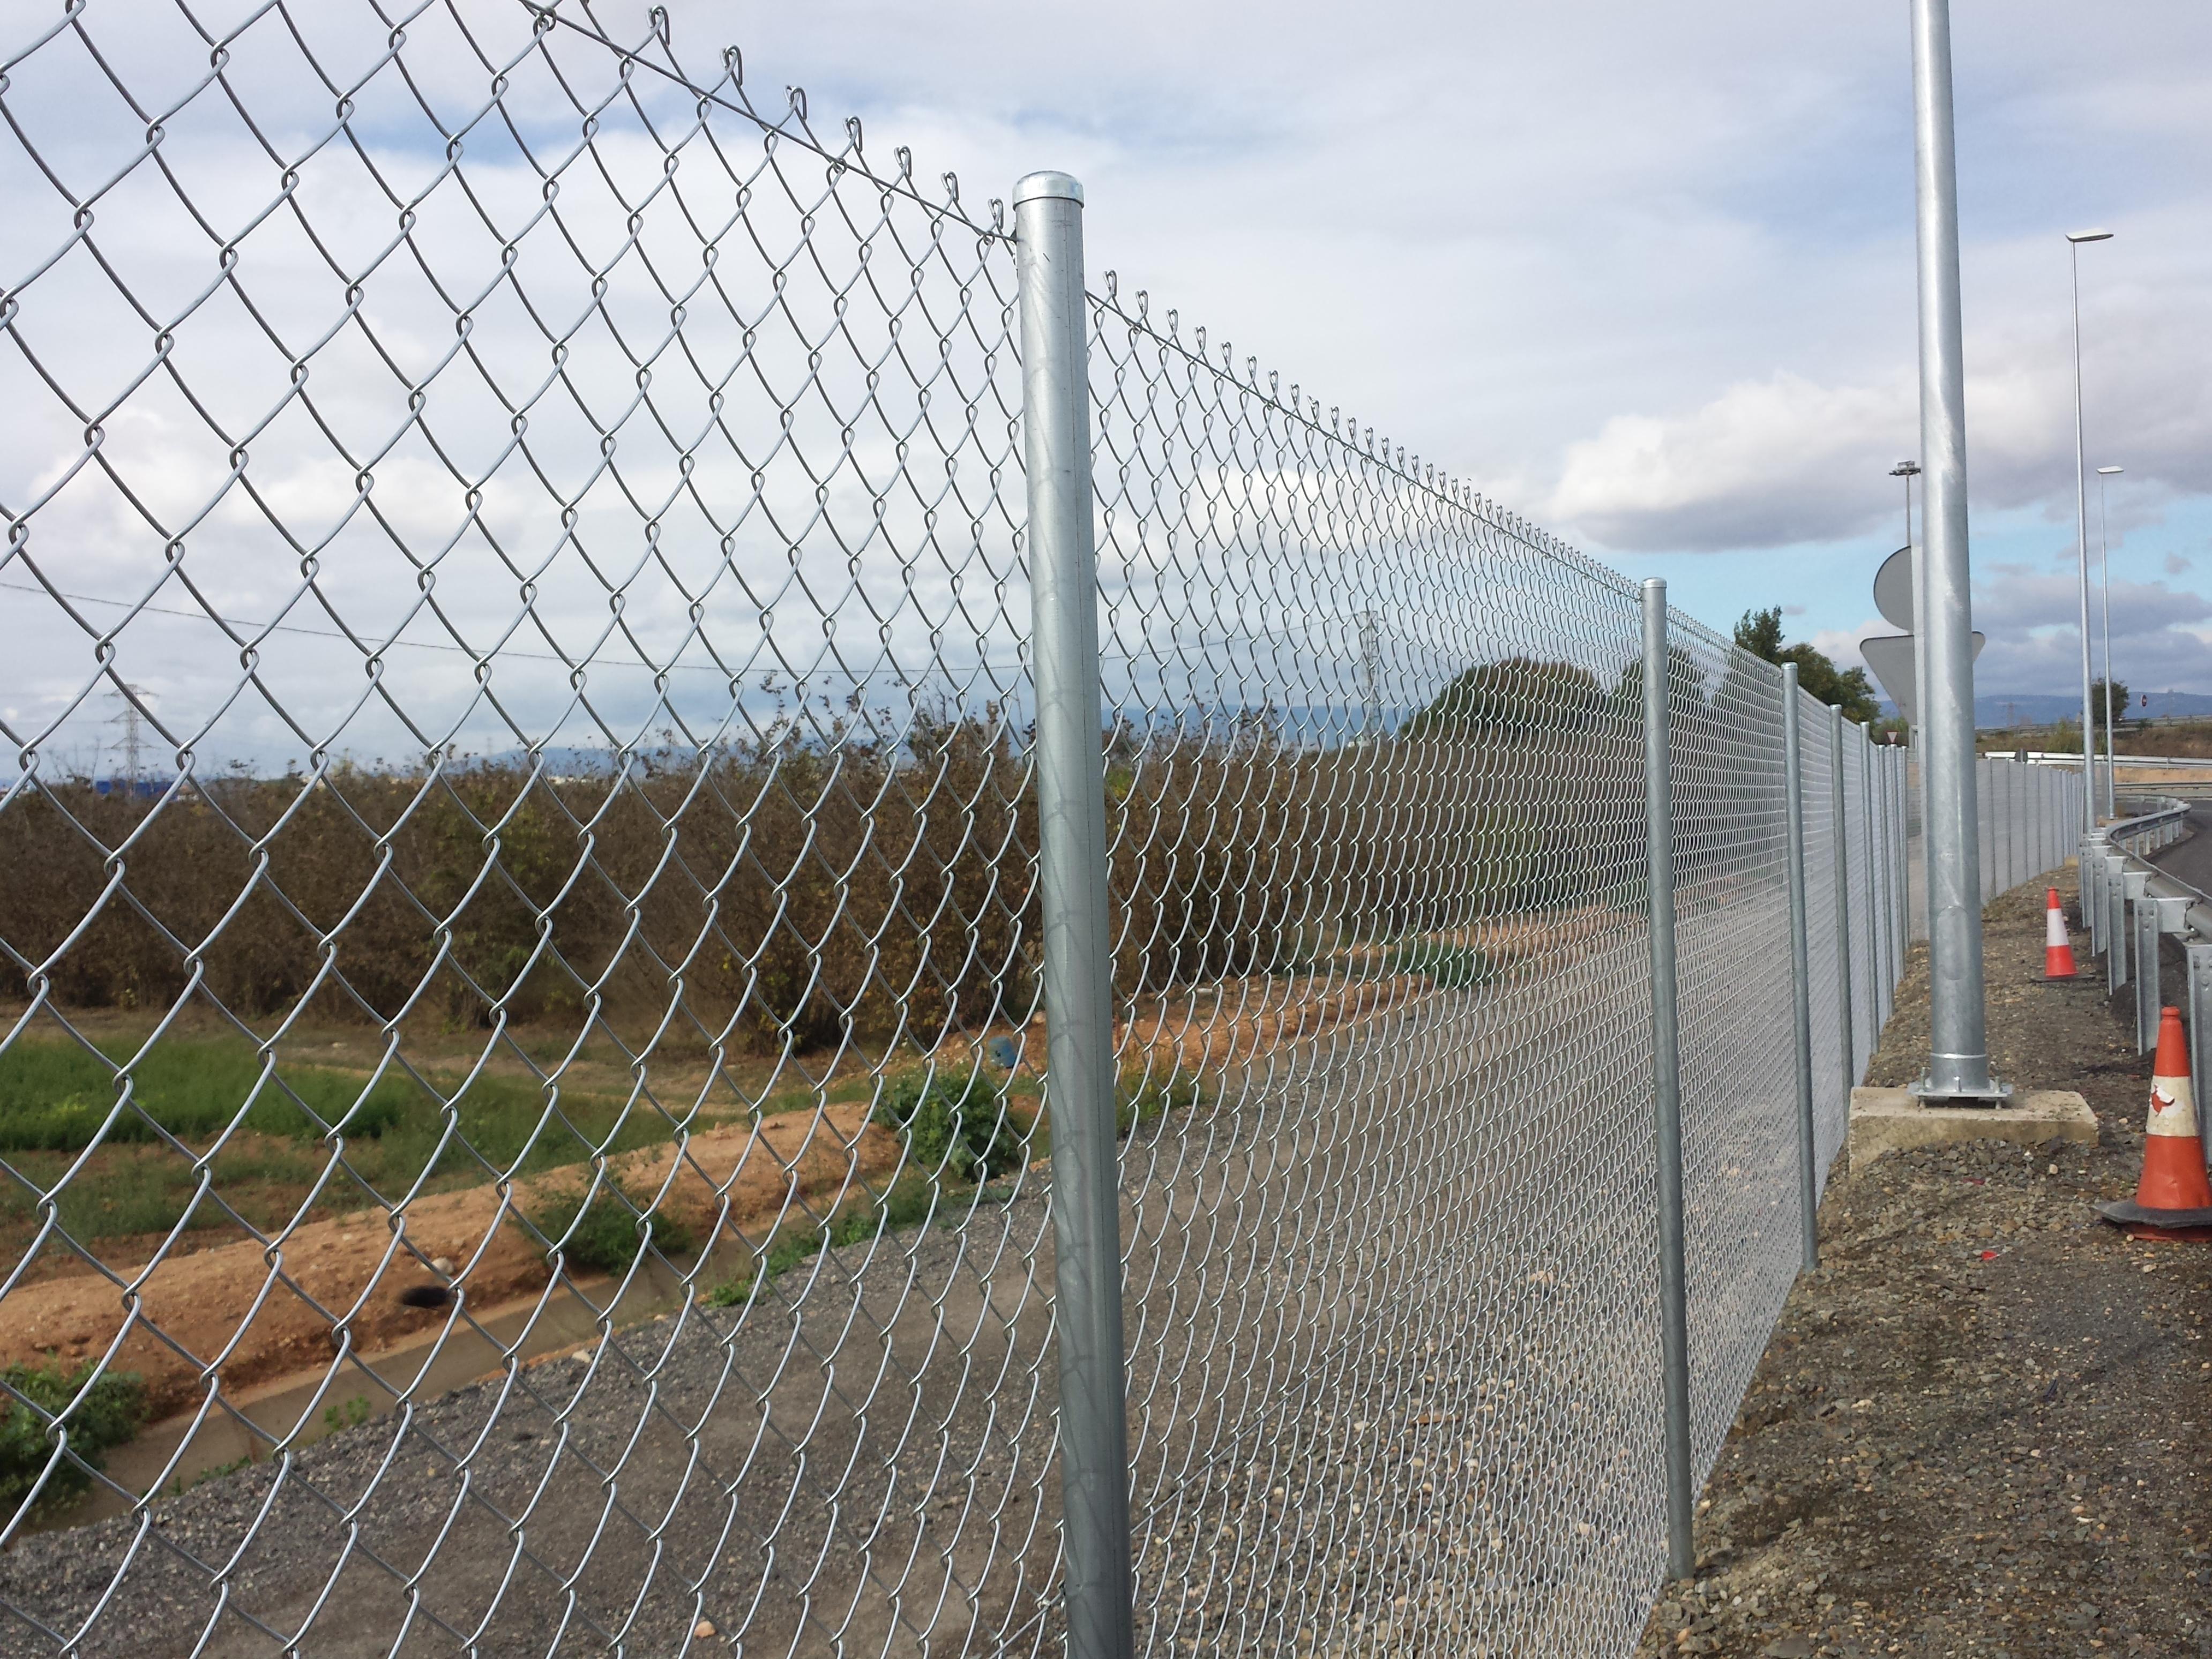 Montaje valla vallados cercados fincas malla anudada for Cercados jardin